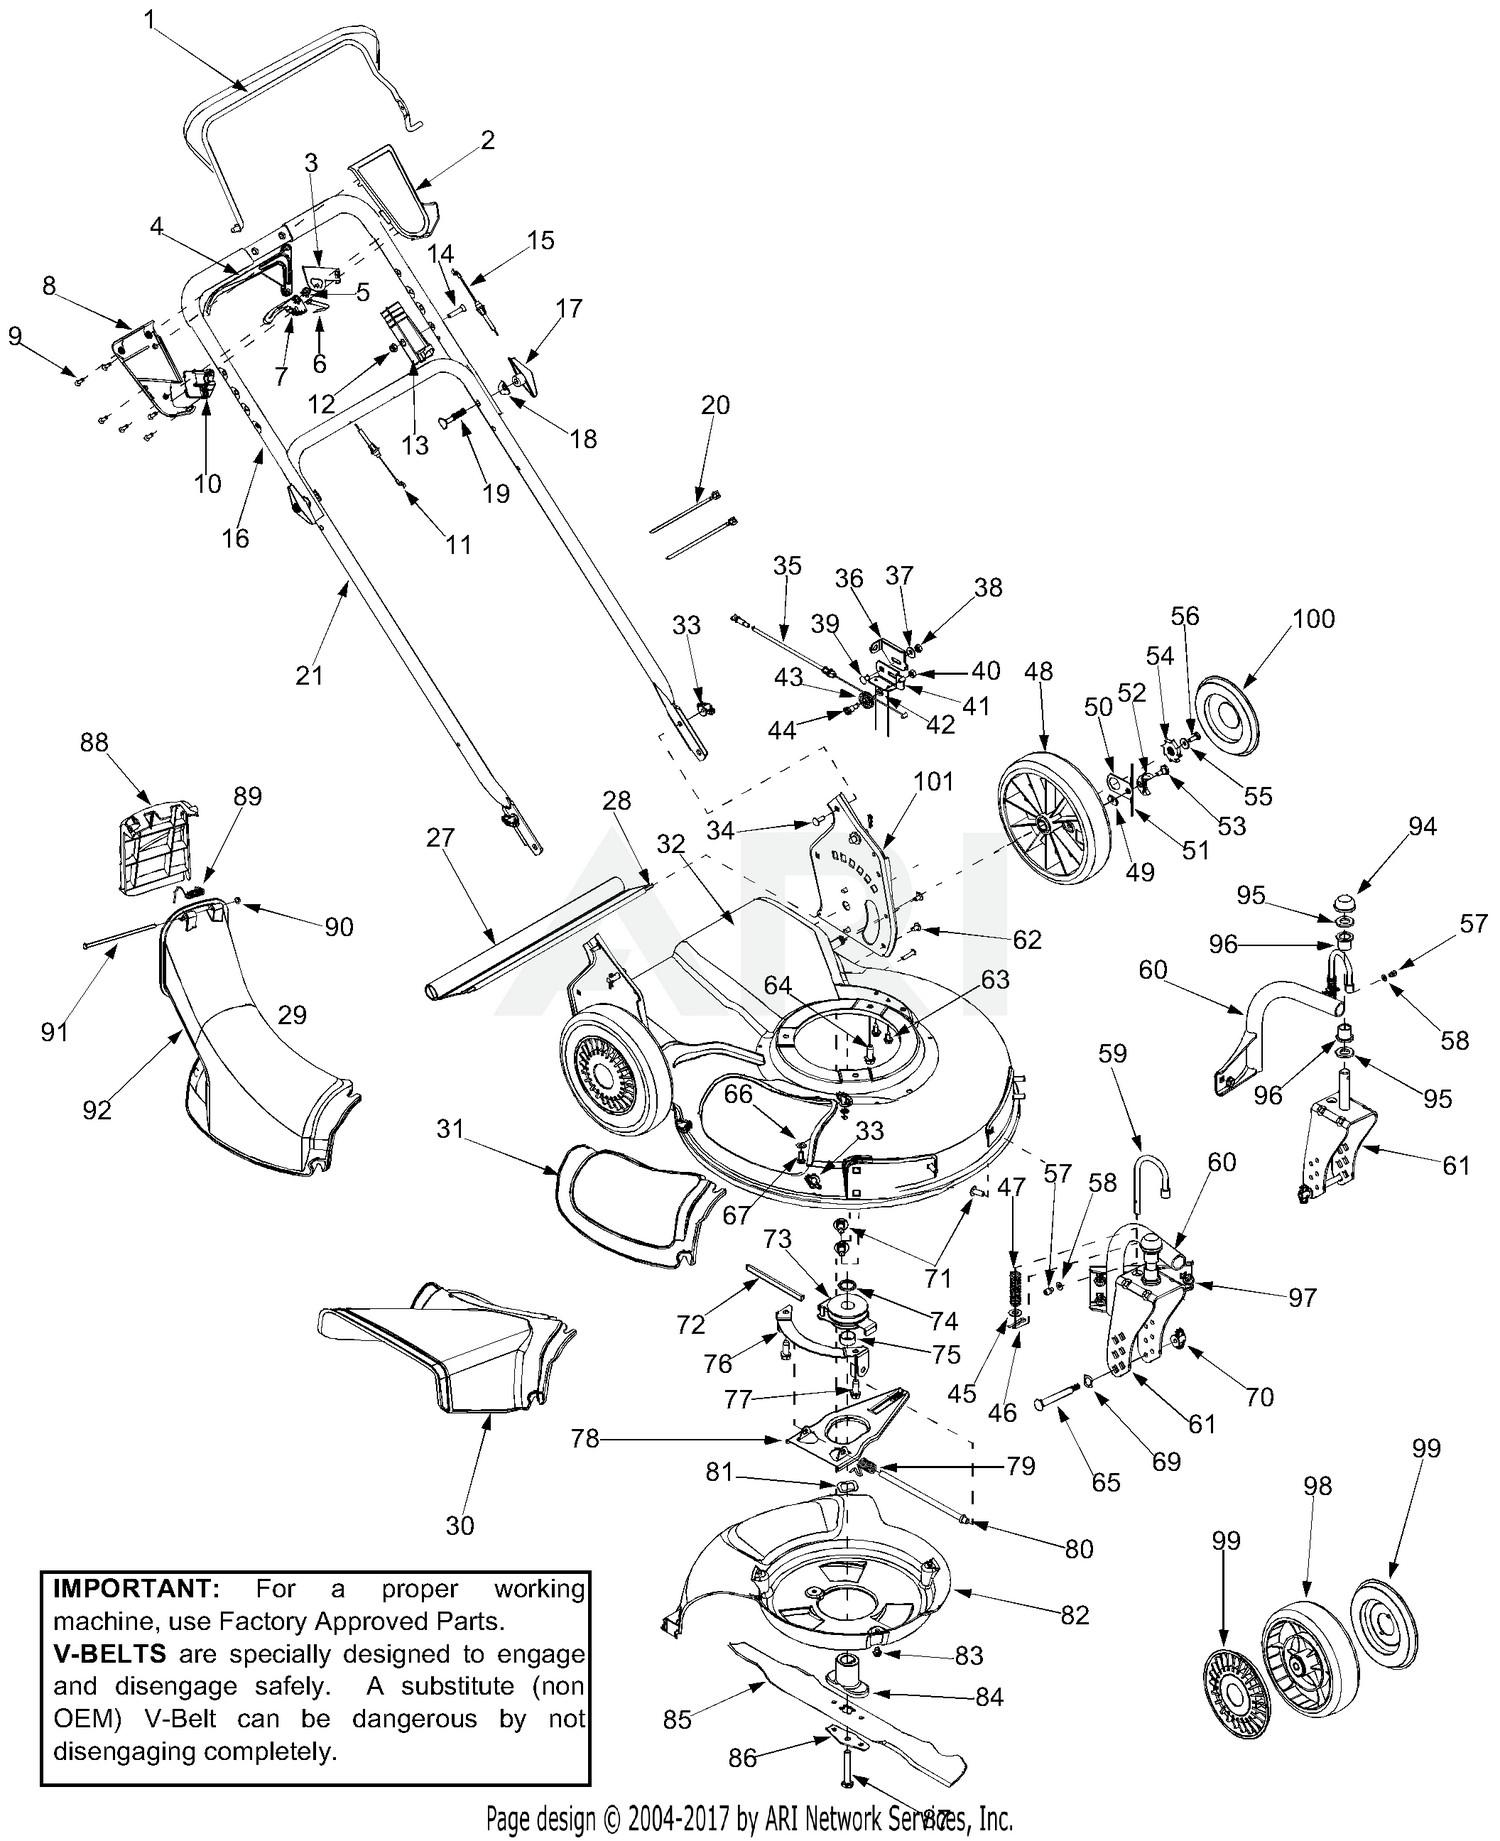 Cub Cadet Src 621 Parts Diagram Arimain Cubcadet Of Cub Cadet Src 621 Parts Diagram